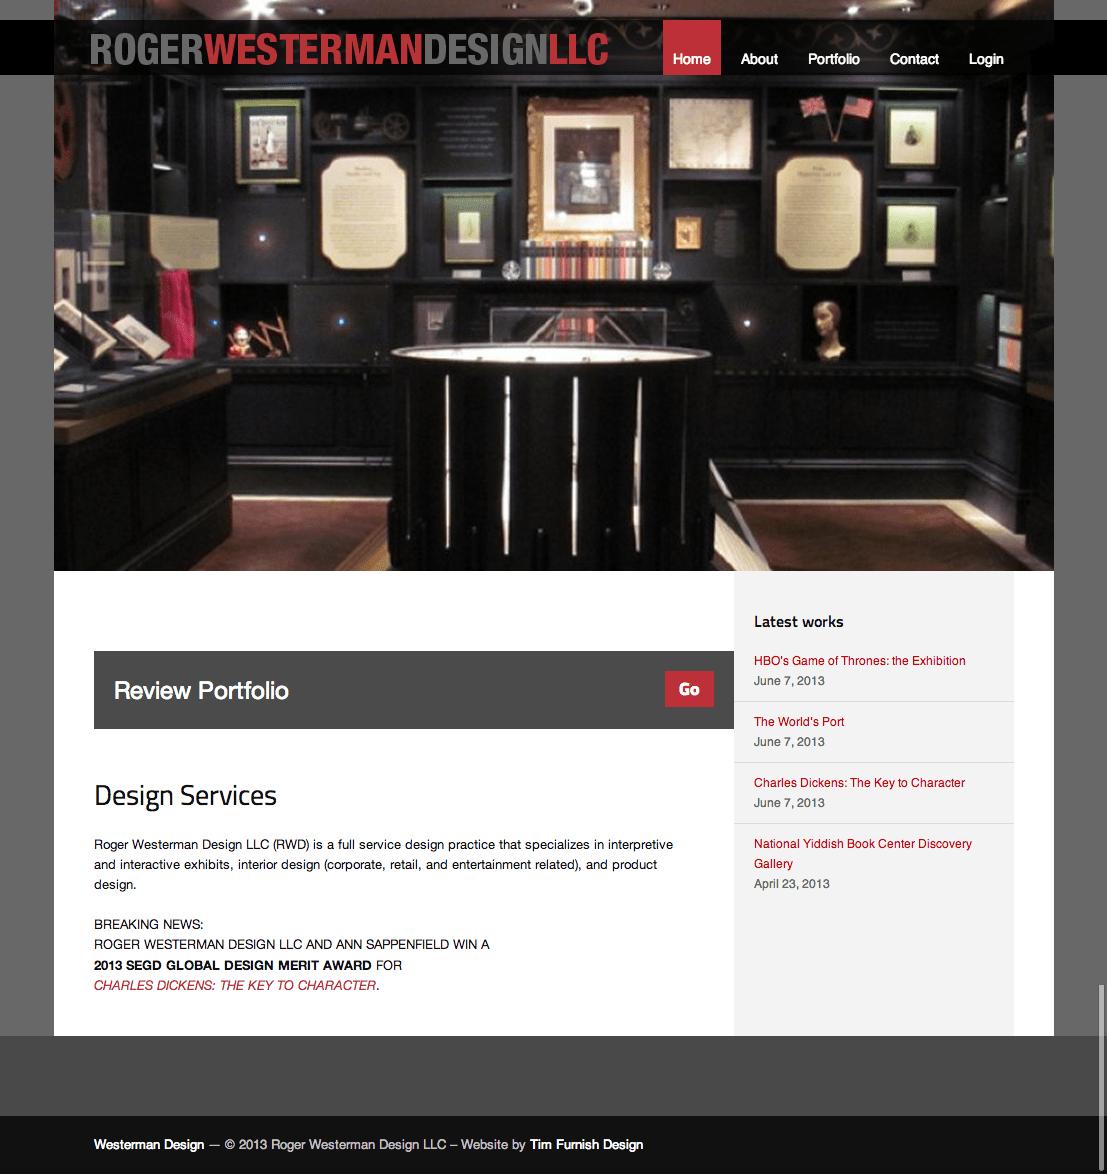 Roger Westerman Design web site